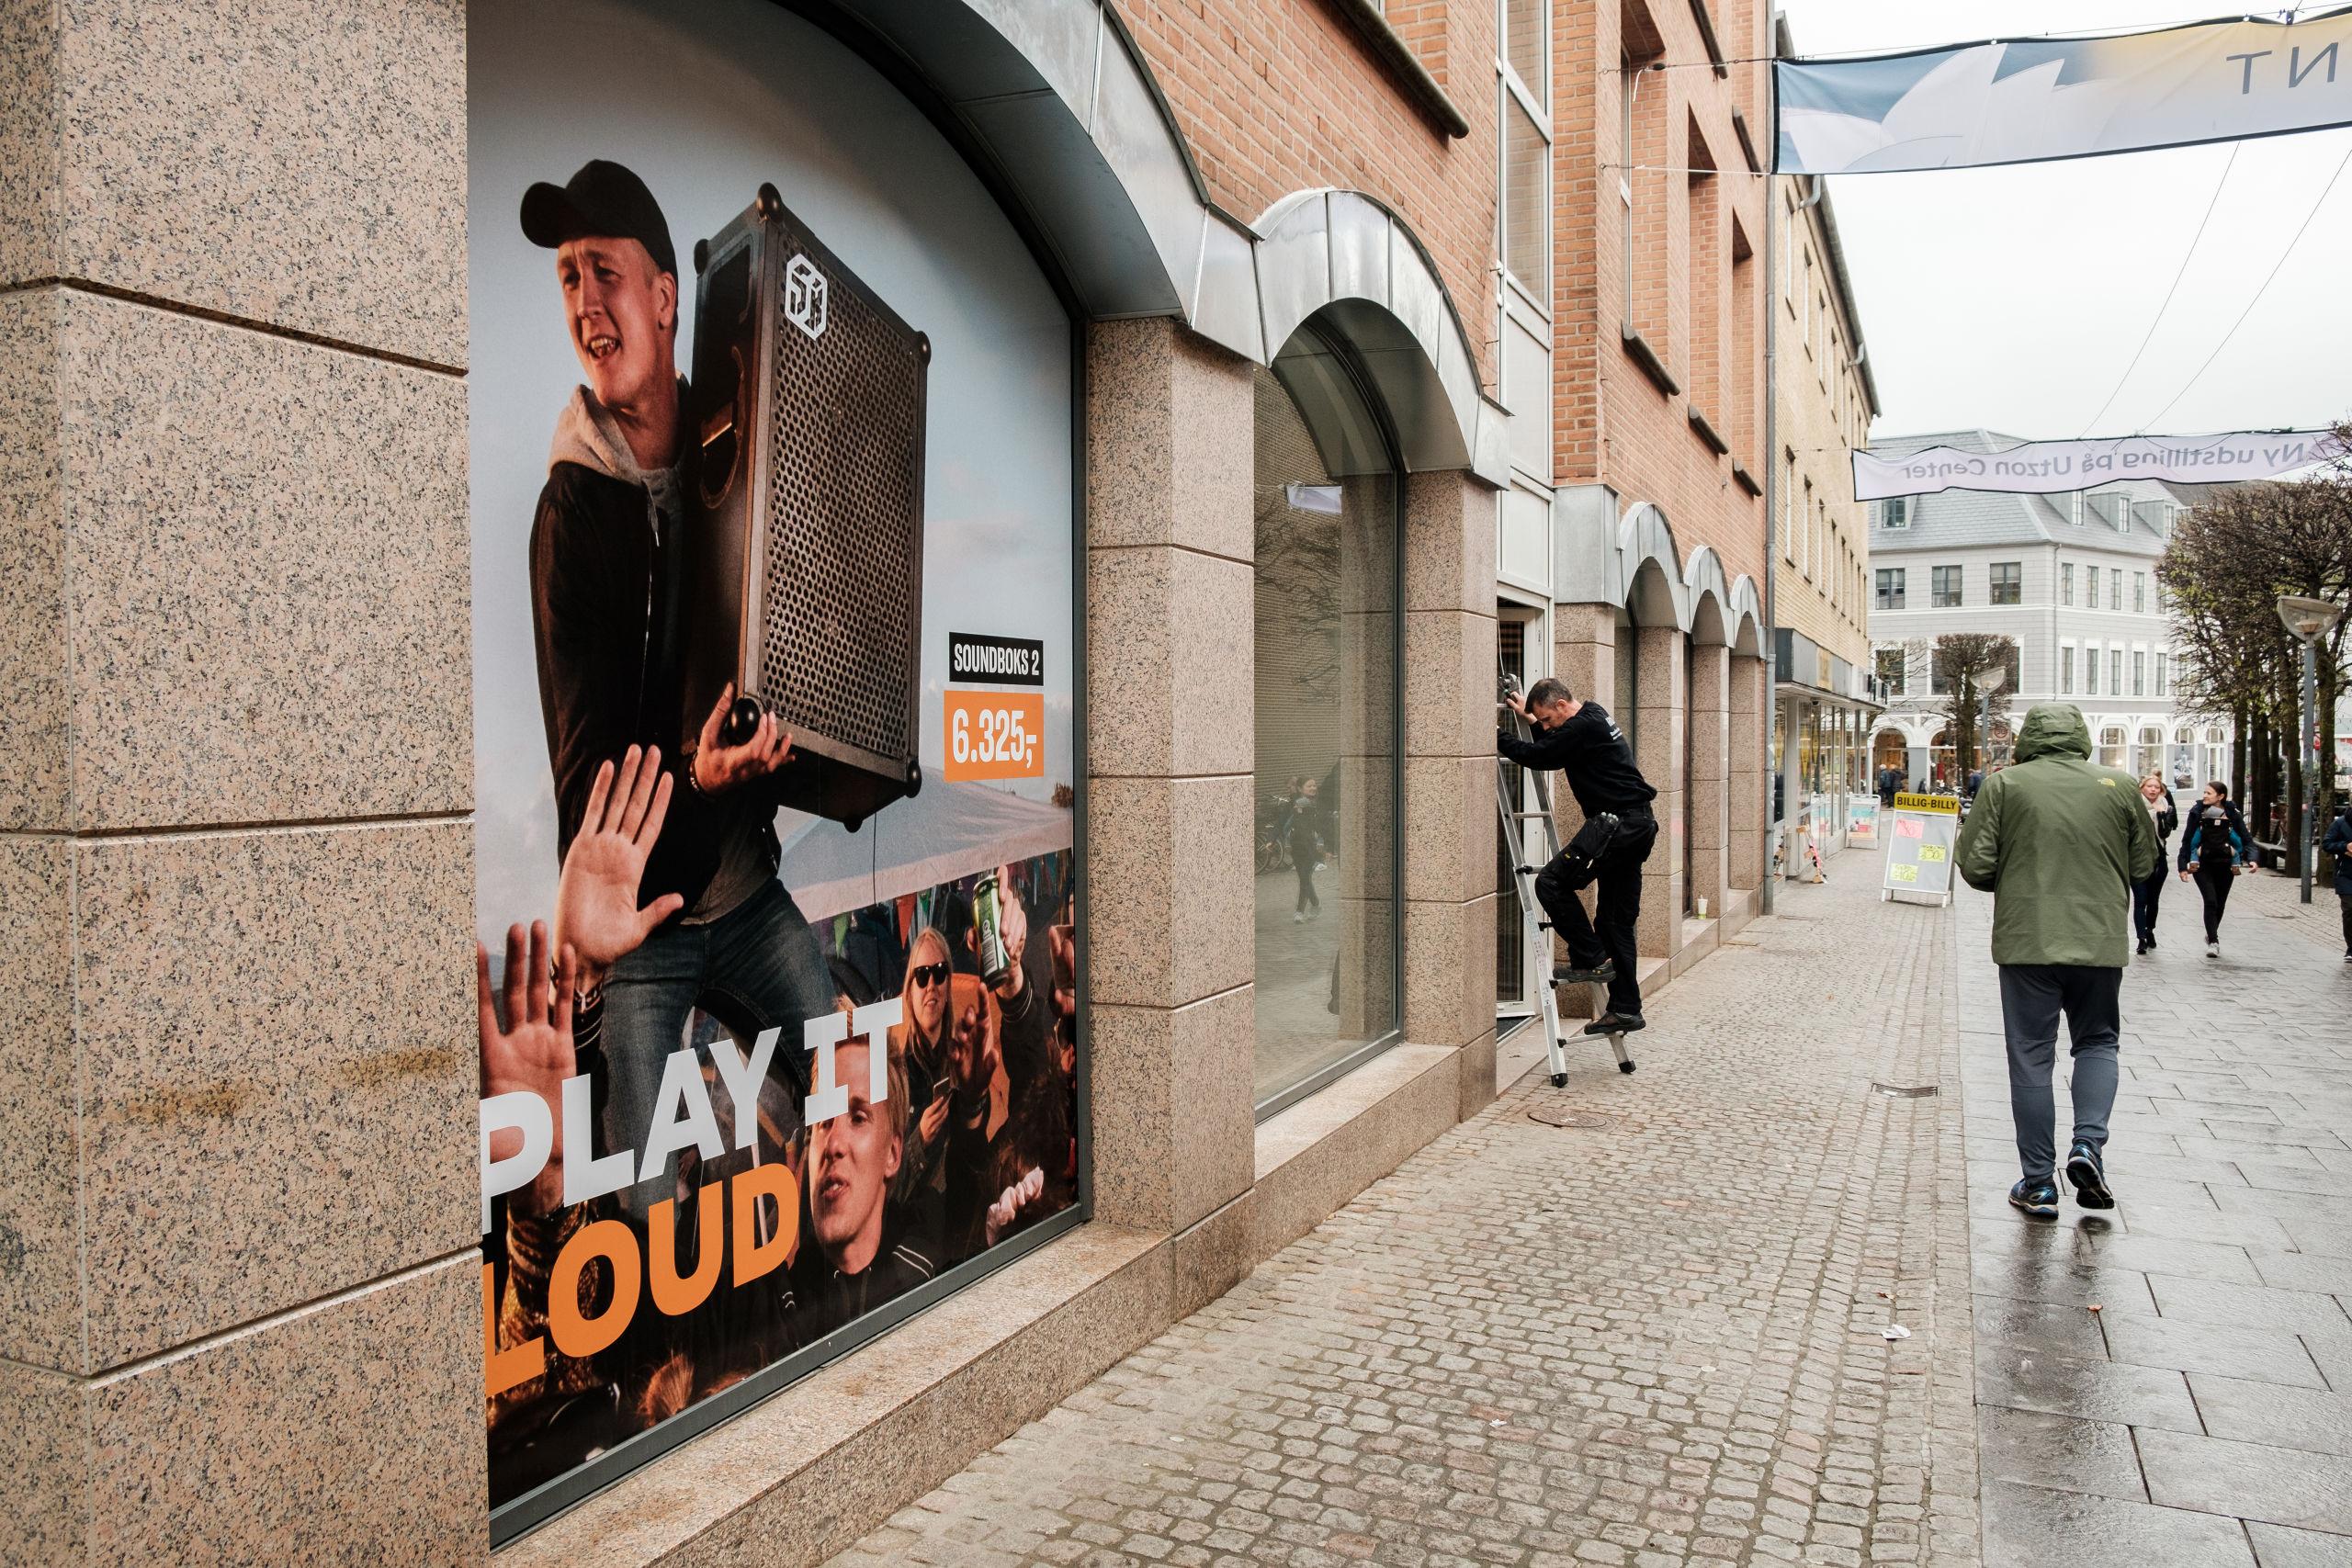 HiFi Klubben i Slotsgade vil udfordre vores måde at lytte på. Arkivfoto: Lasse Sand